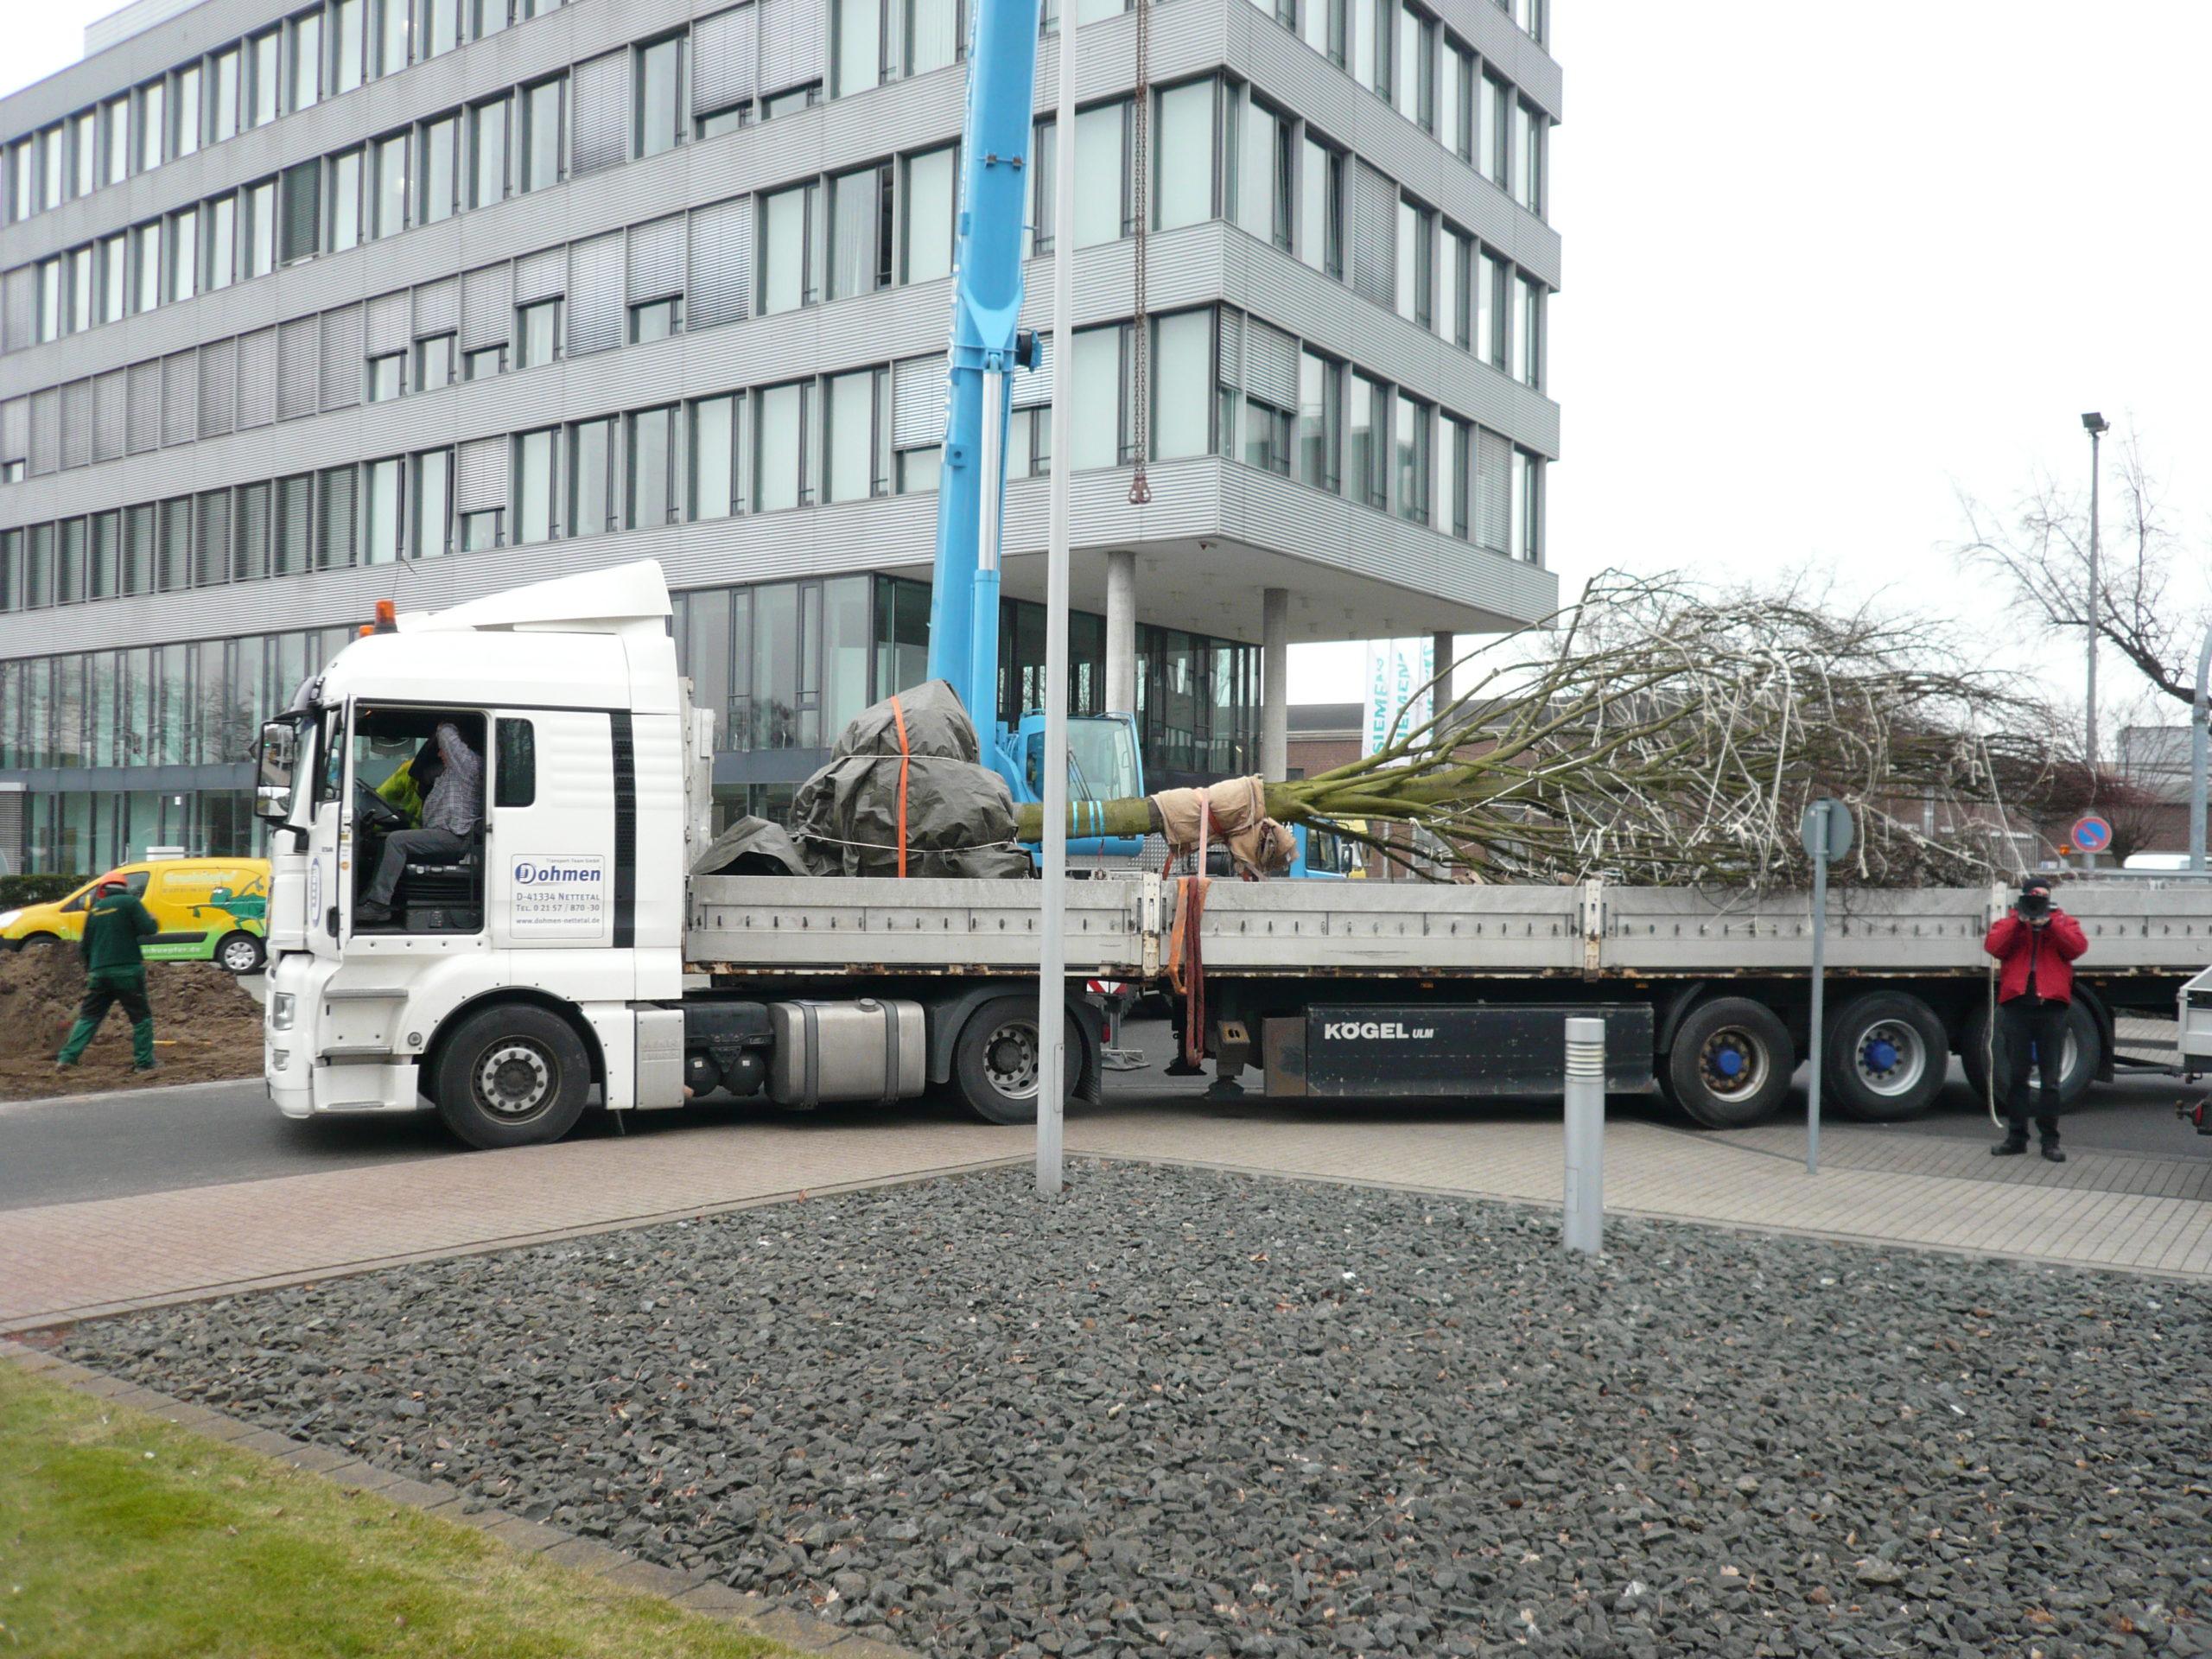 Projekt Grossbaumpflanzung bei Siemens in Krefeld (02)